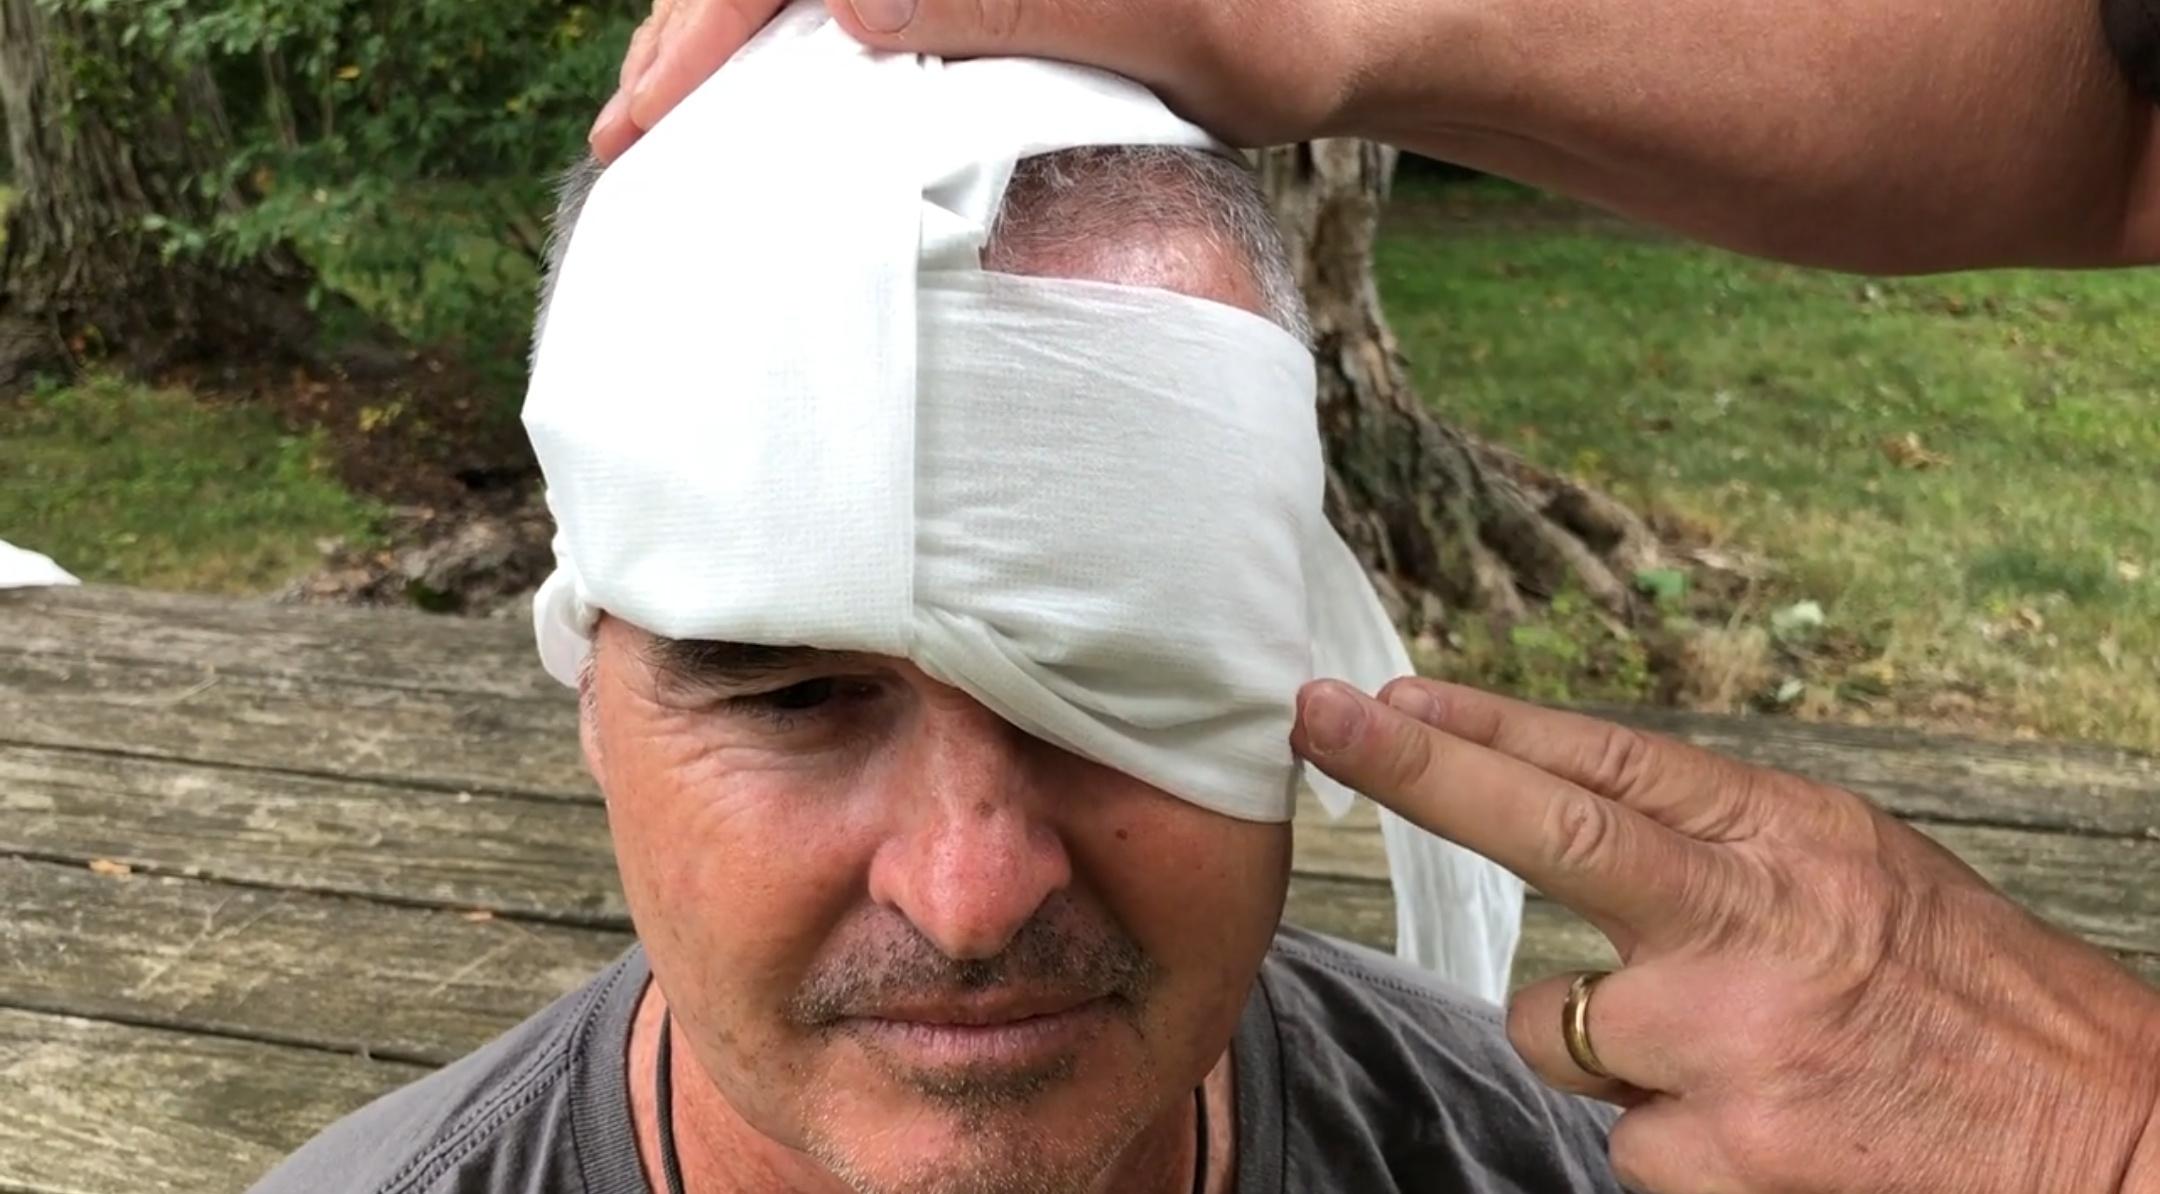 Cravat Bandaging: 25+ Ways to Splint, Sling, and Bandage the Human Body Using a Triagular Bandage